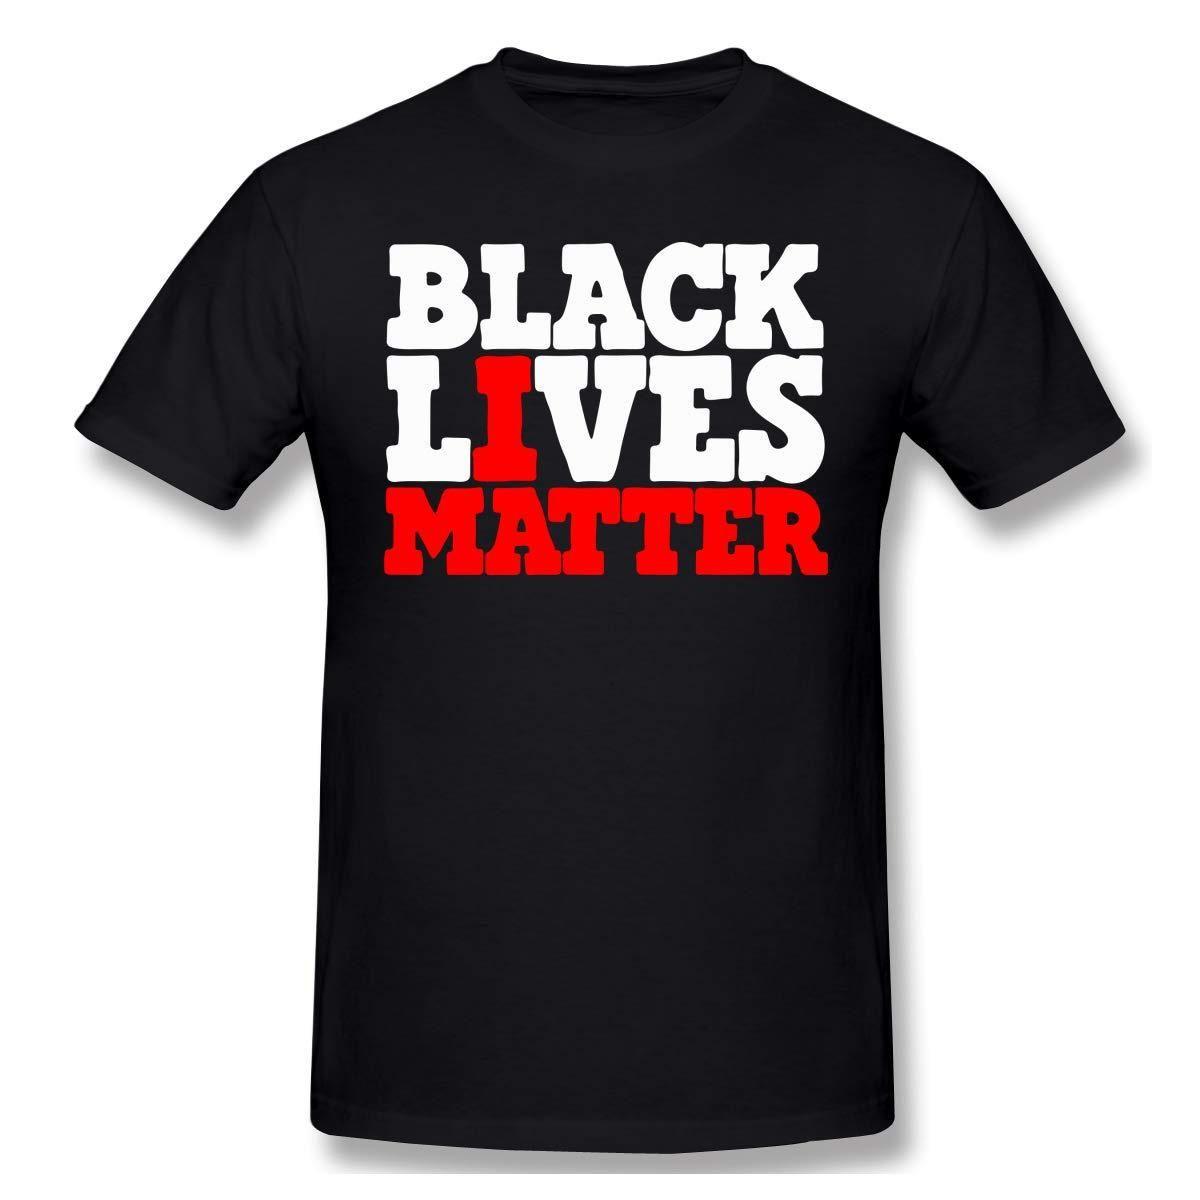 I Cant Breathe New T-shirt pour hommes / Femmes 2020 Égalité Luttes Vêtements Motif mode des nouveaux hommes T-shirts Top Lives Noir Matter DHL